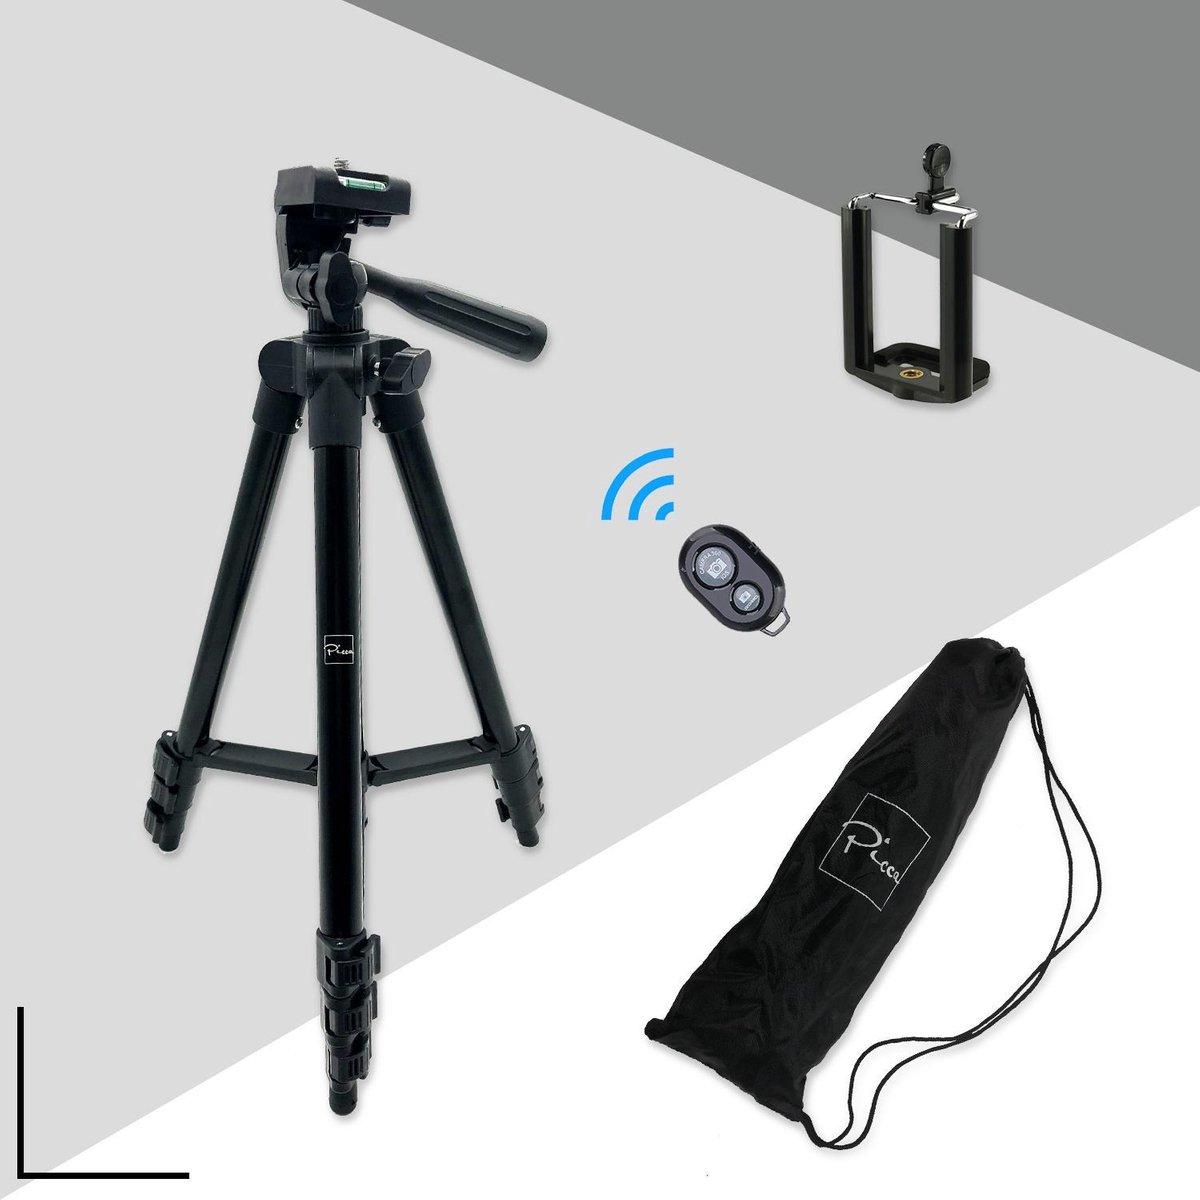 Picca Camera statief  voor spiegelreflexcamera en telefoon – 102 cm